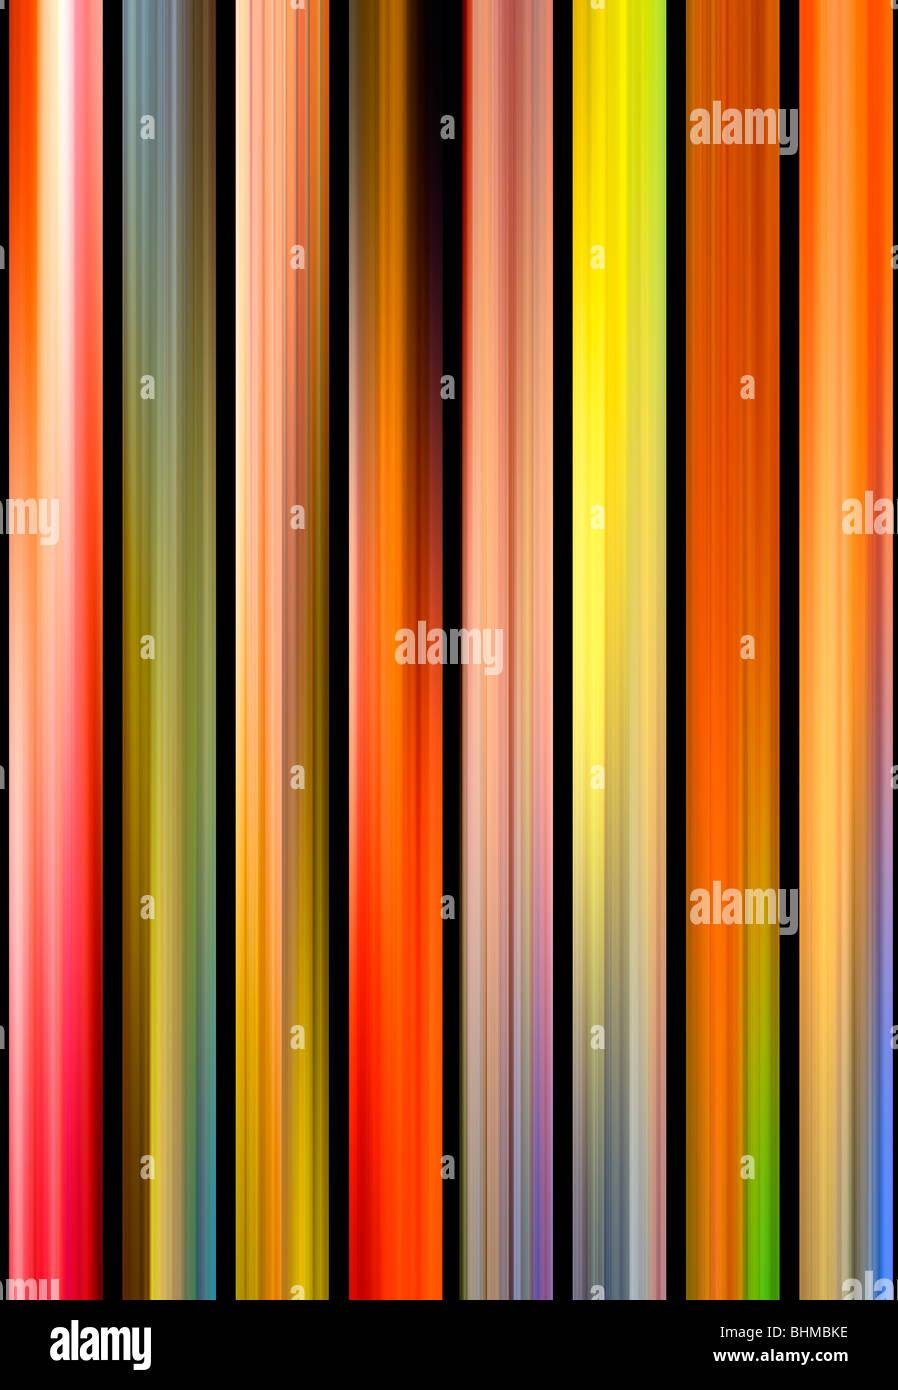 Resumen de líneas verticales de colores Imagen De Stock